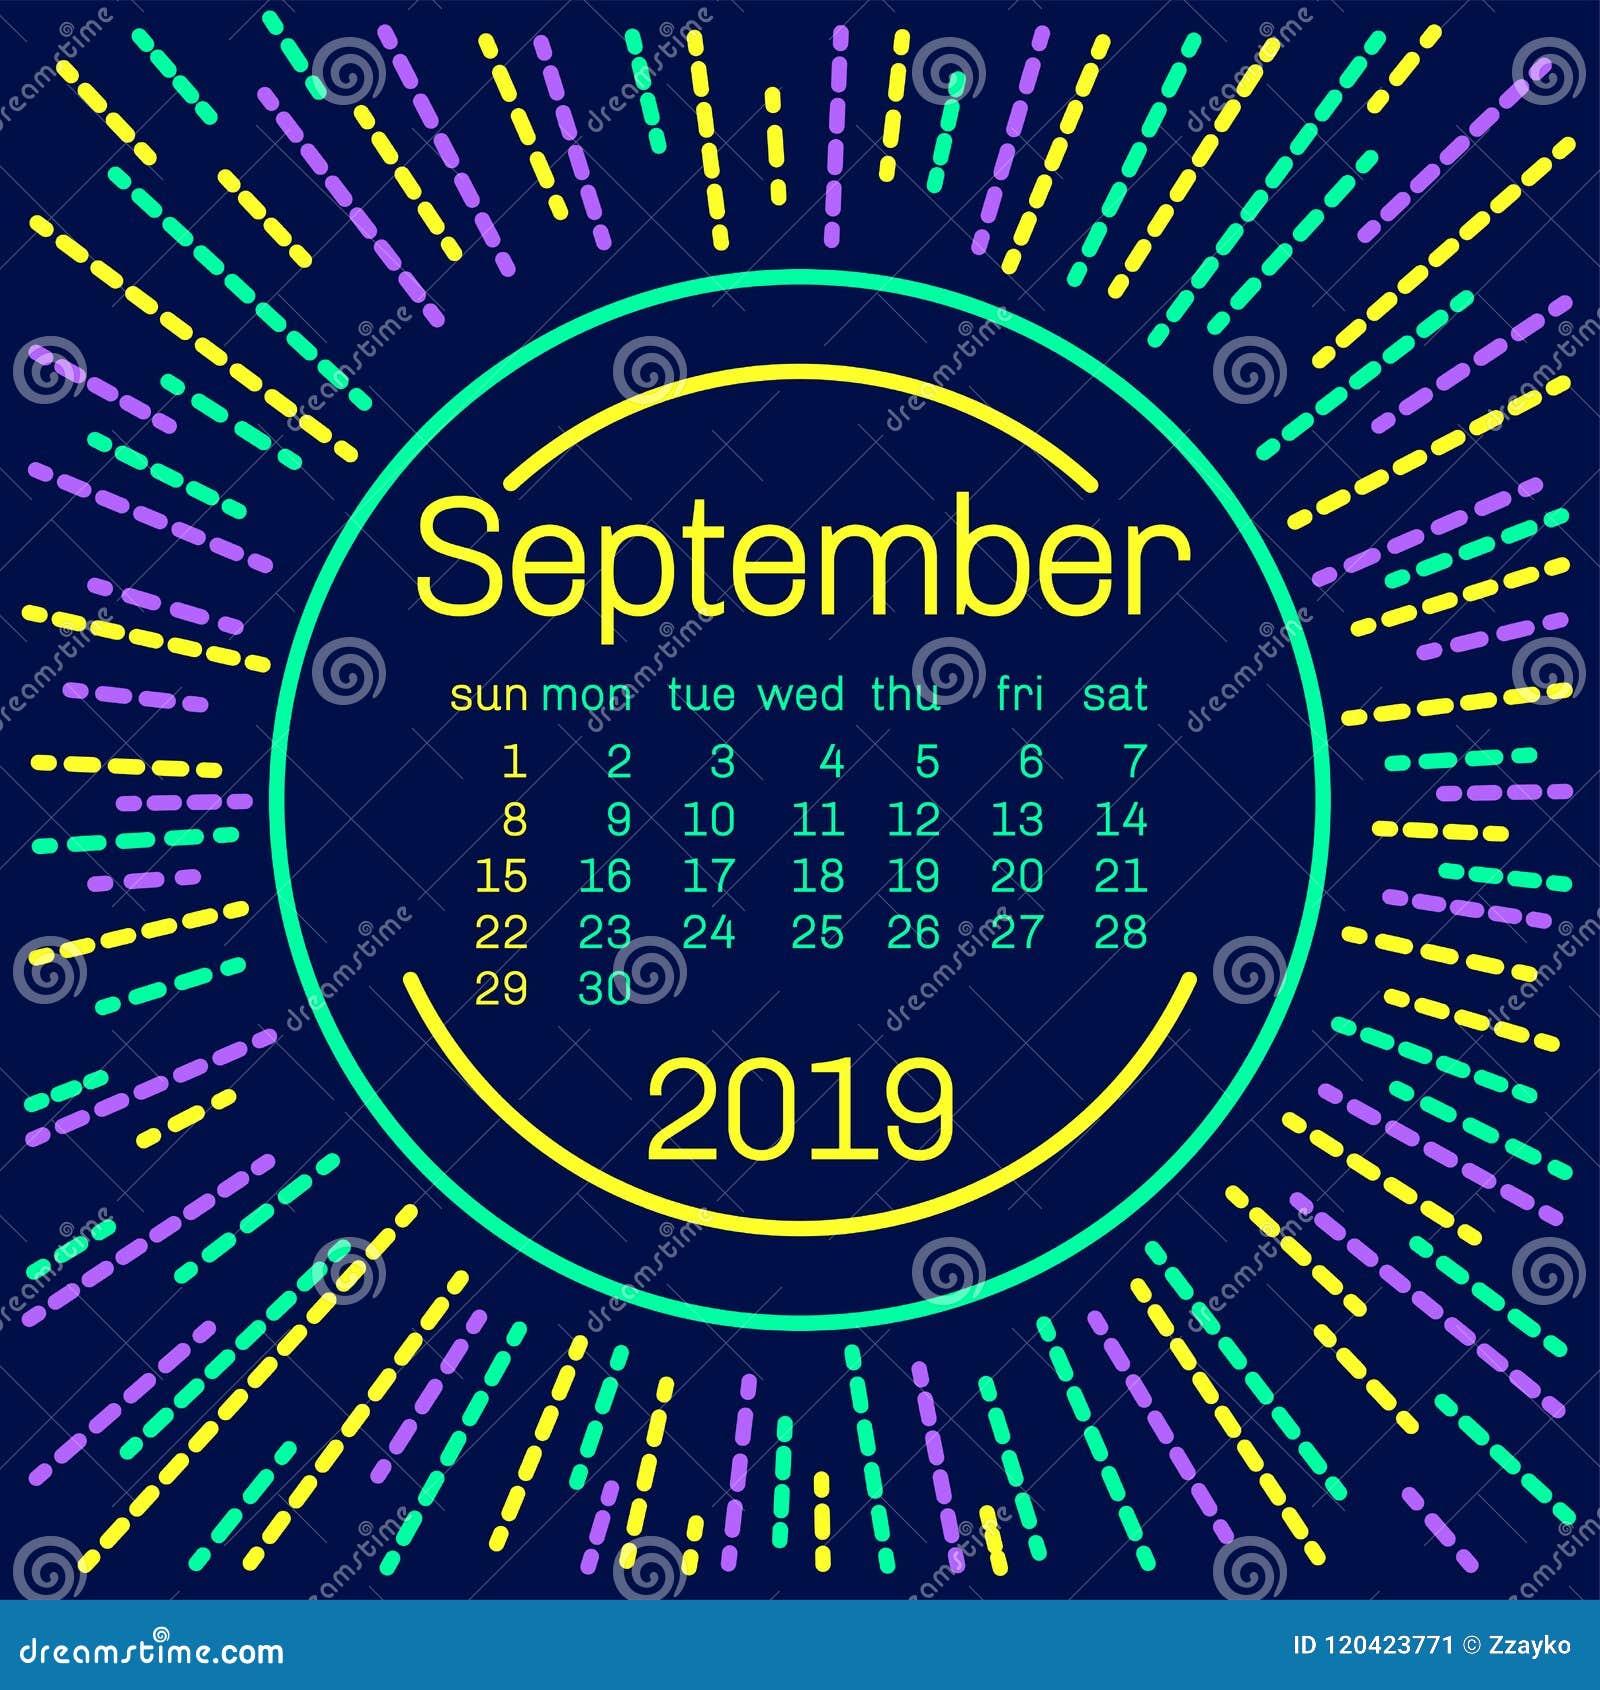 Pagina Di Calendario Settembre 2019.2019 Pagina Del Calendario Di Settembre In Manifesto Di